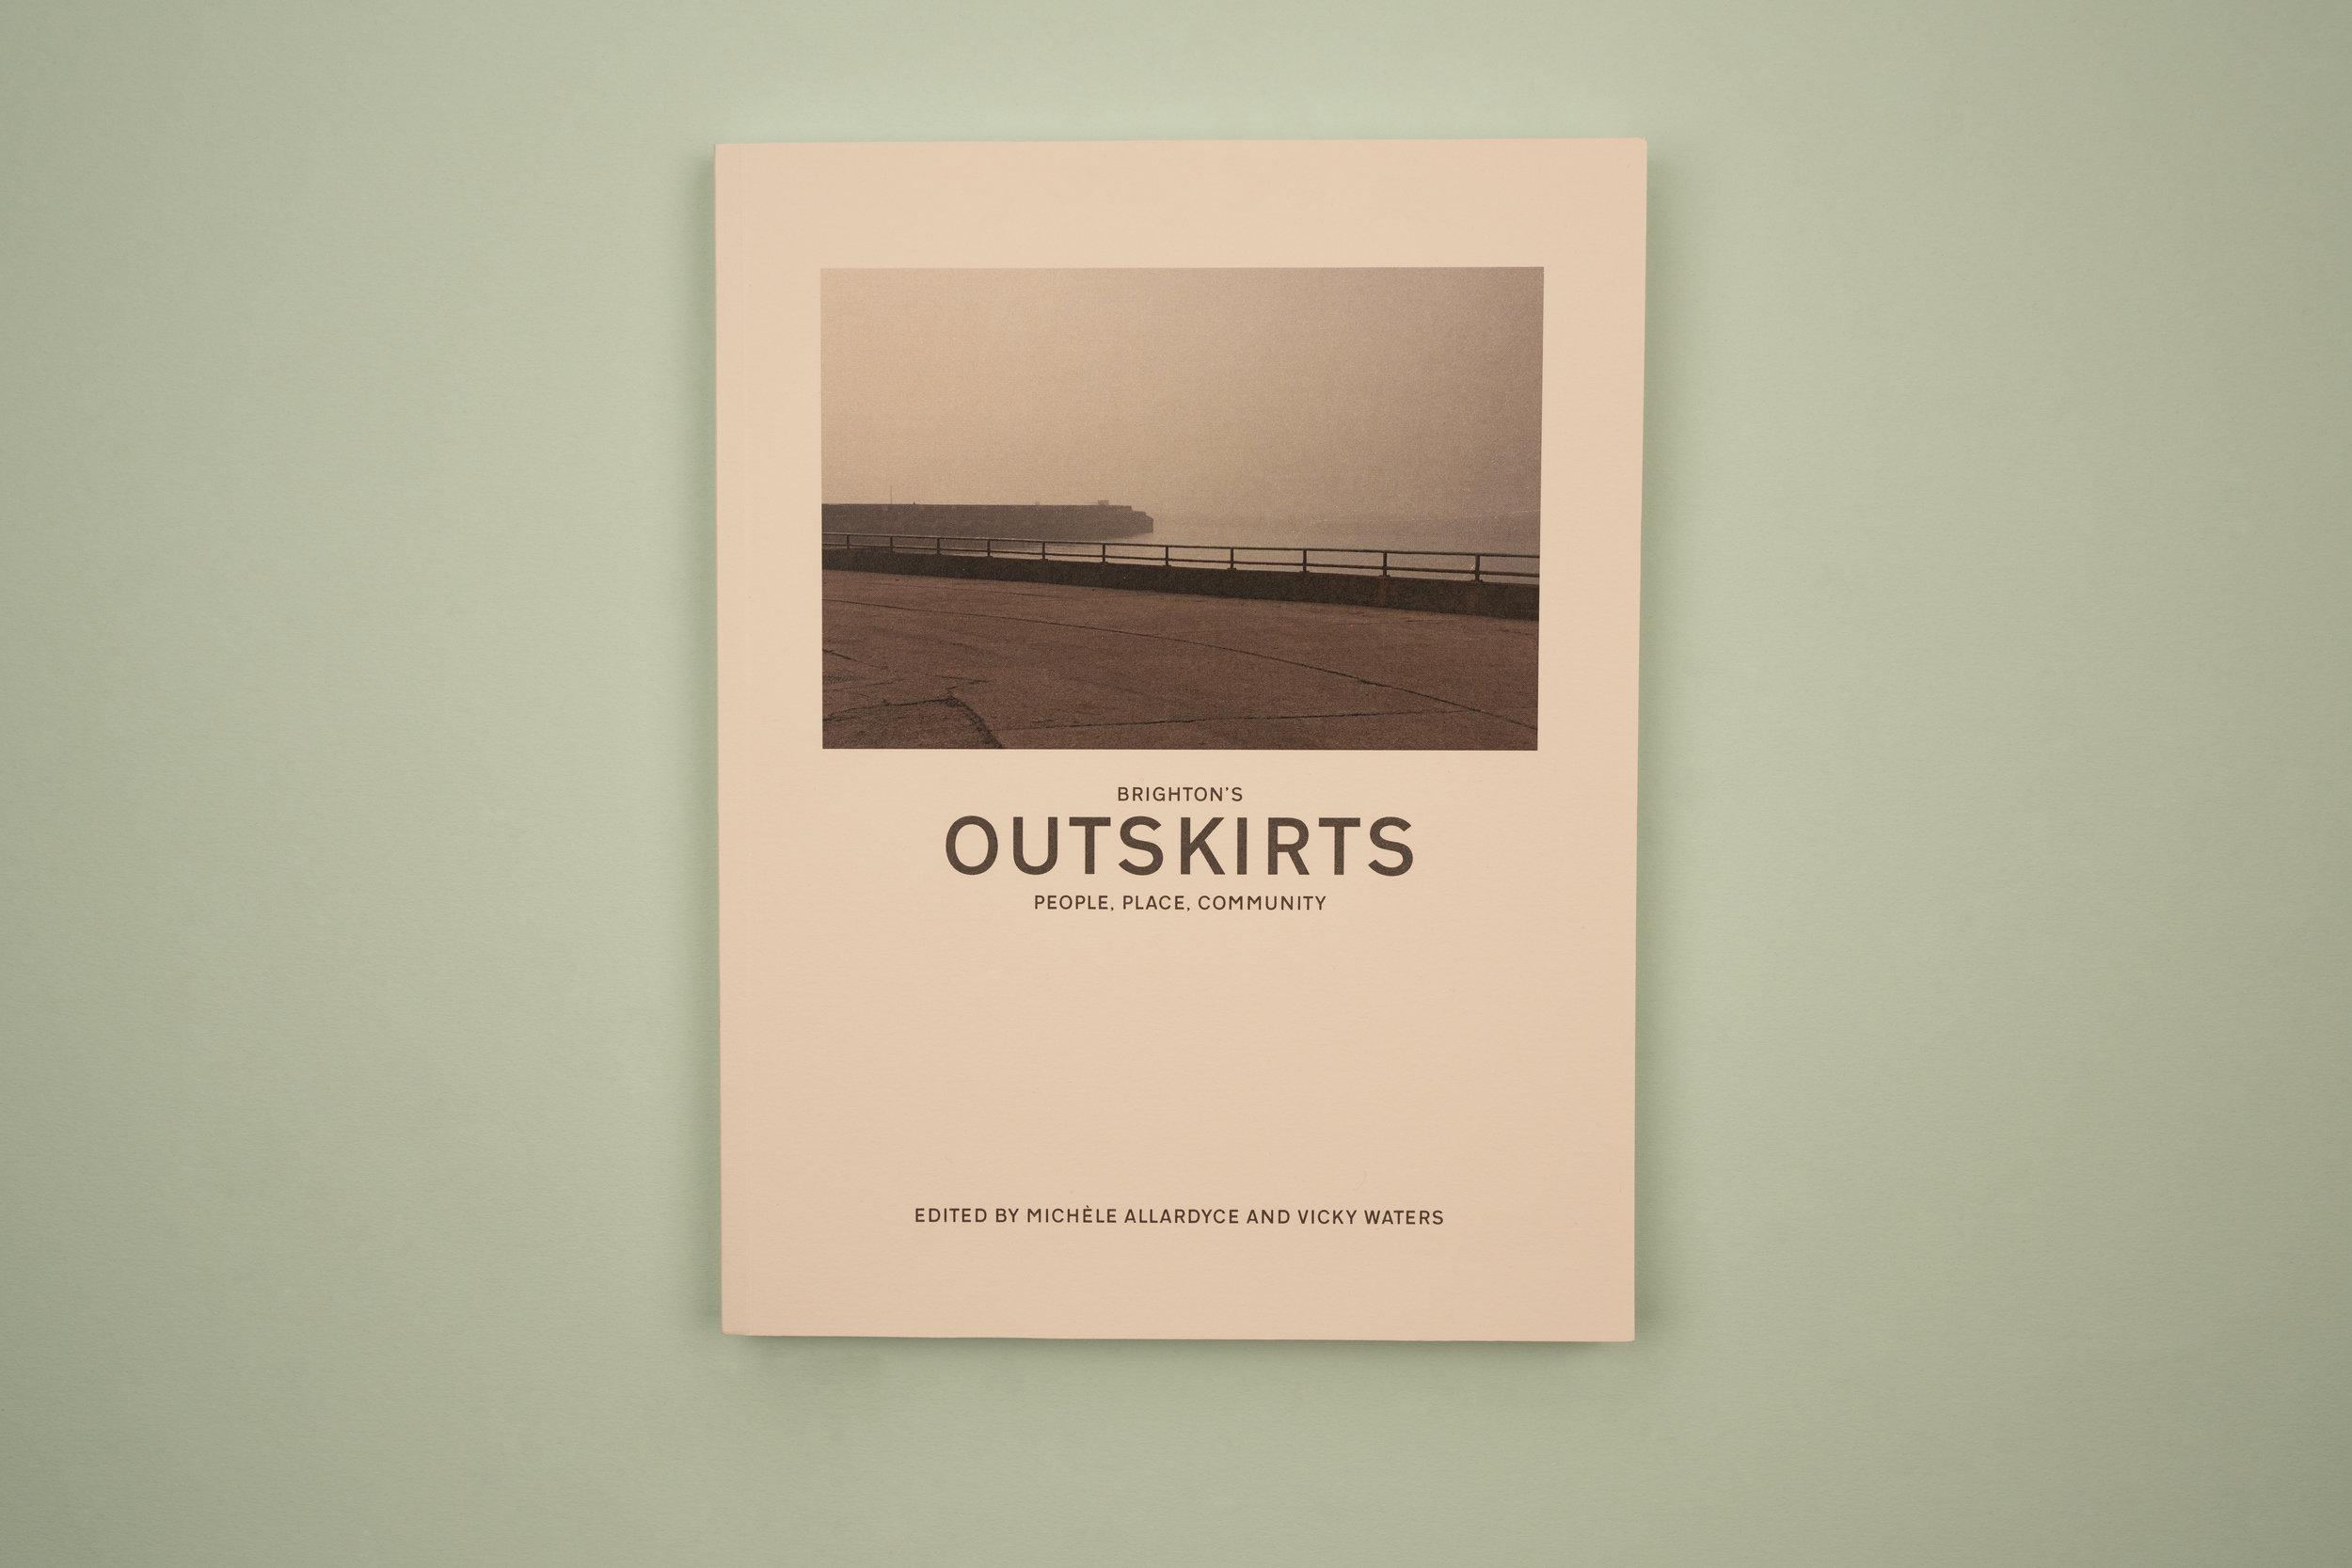 QS_OutskirtsBook_01.jpg